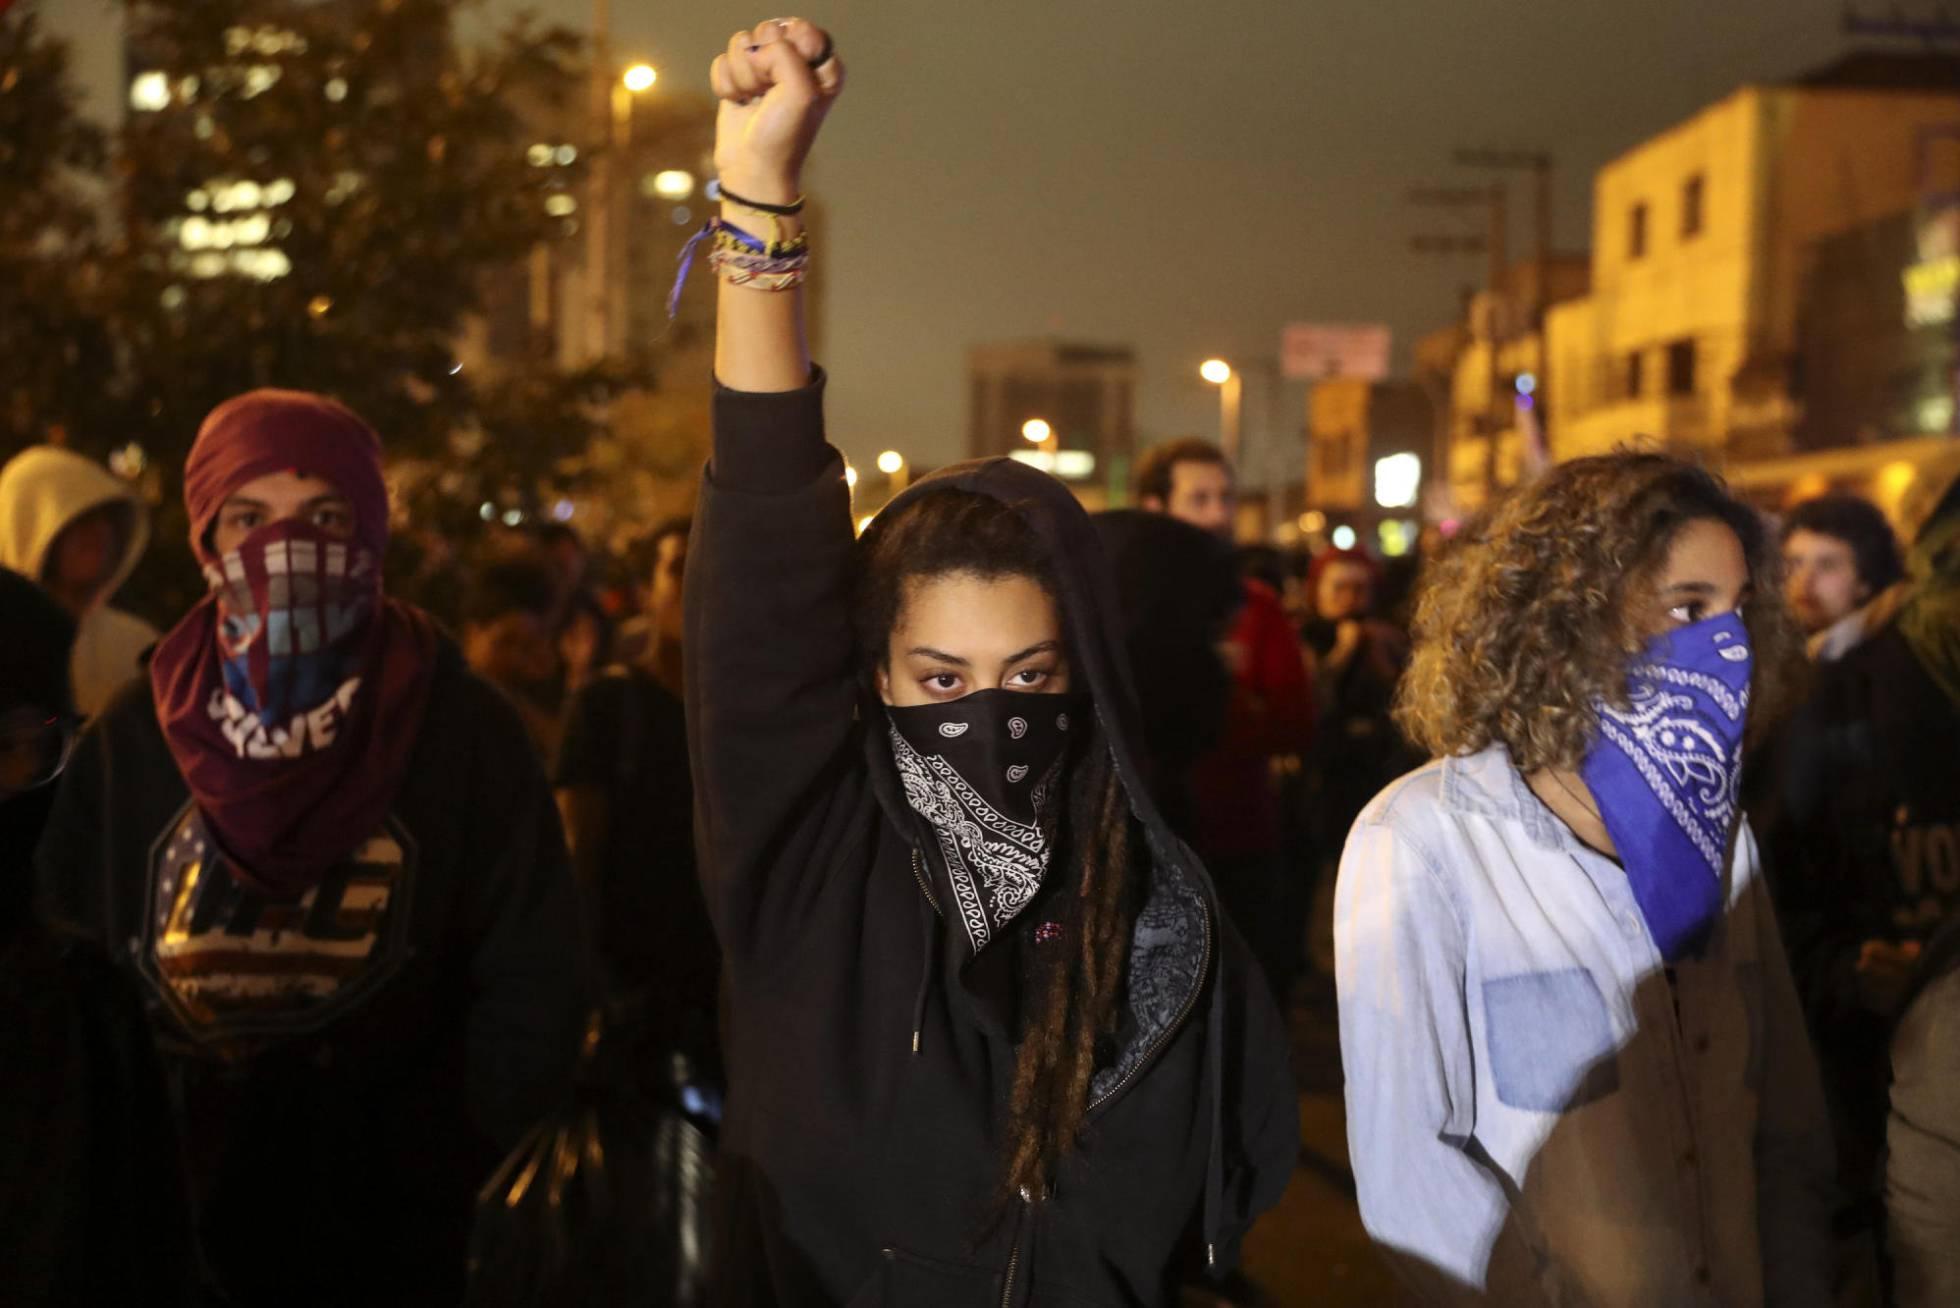 Jovens mascarados em protesto contra o Governo Temer (Foto: Sebastião Moreira/EFE - El País)